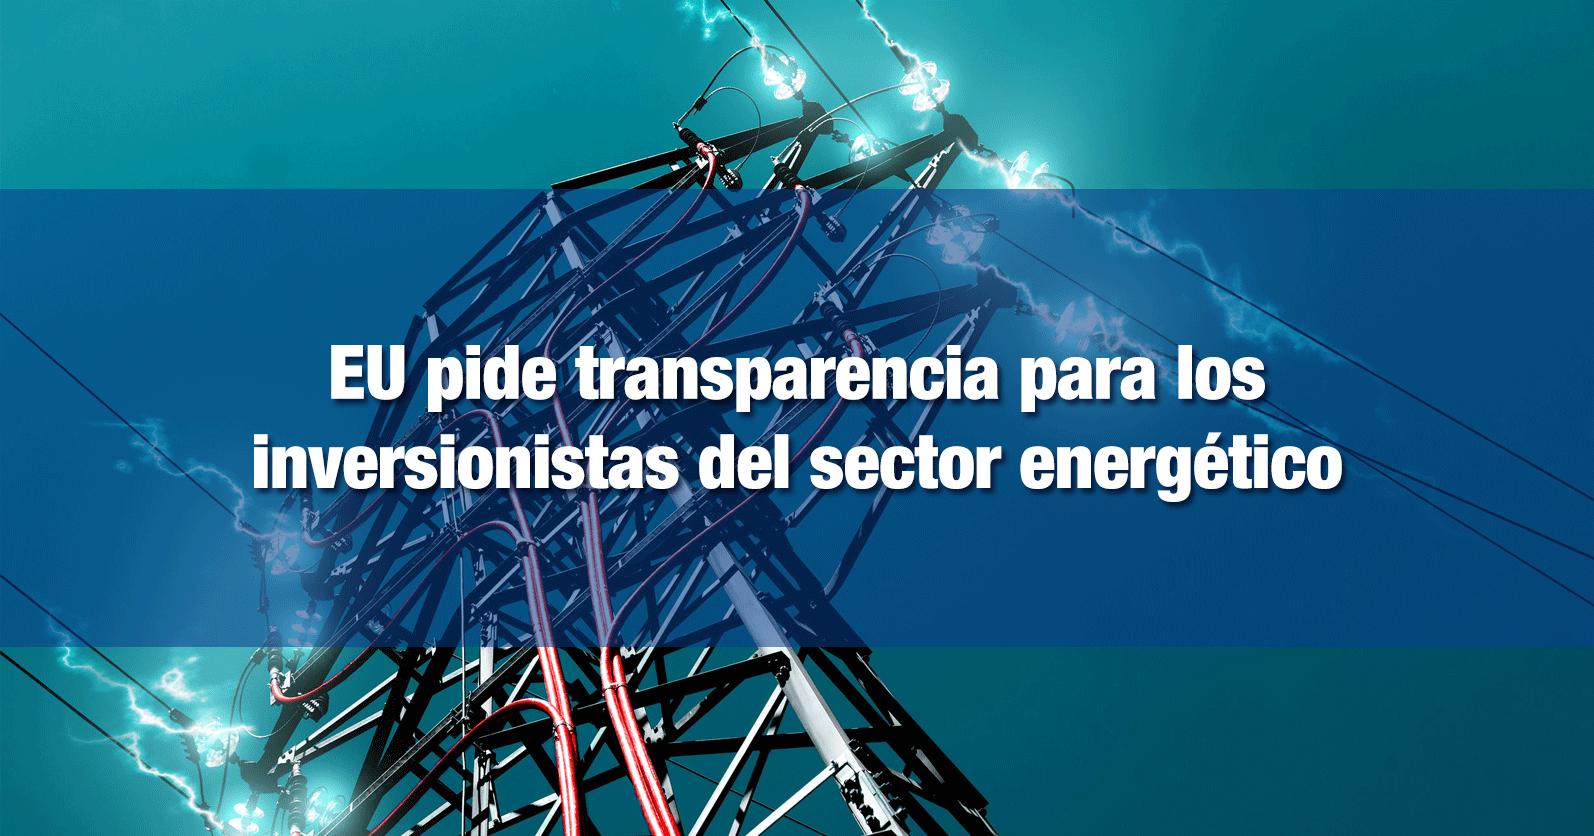 EU pide transparencia para los inversionistas del sector energético